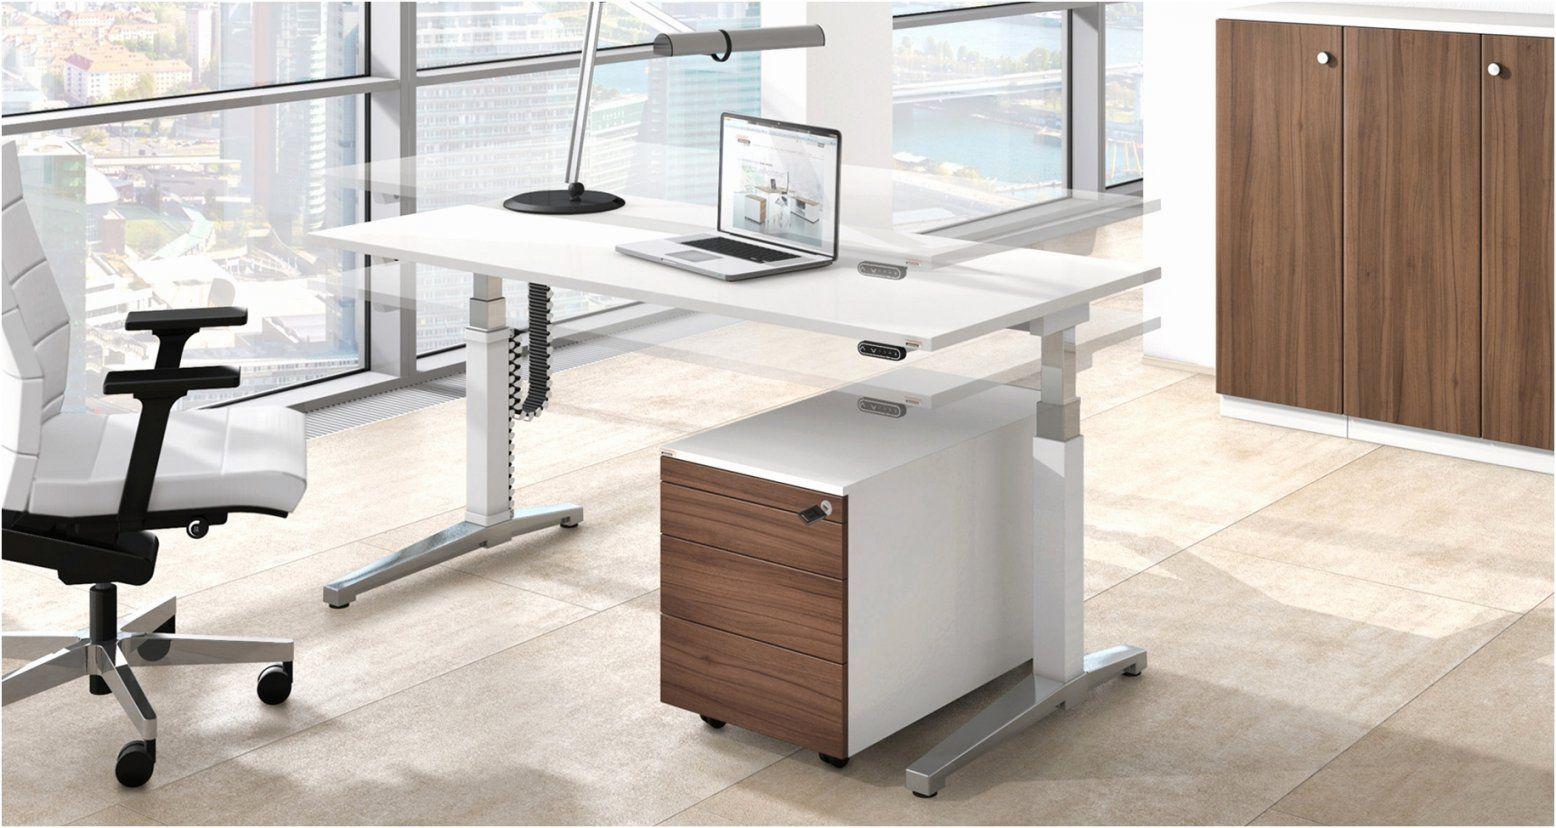 Höhenverstellbarer Schreibtisch Selber Bauen Schön Assmann Büromöbel von Höhenverstellbarer Schreibtisch Selber Bauen Photo